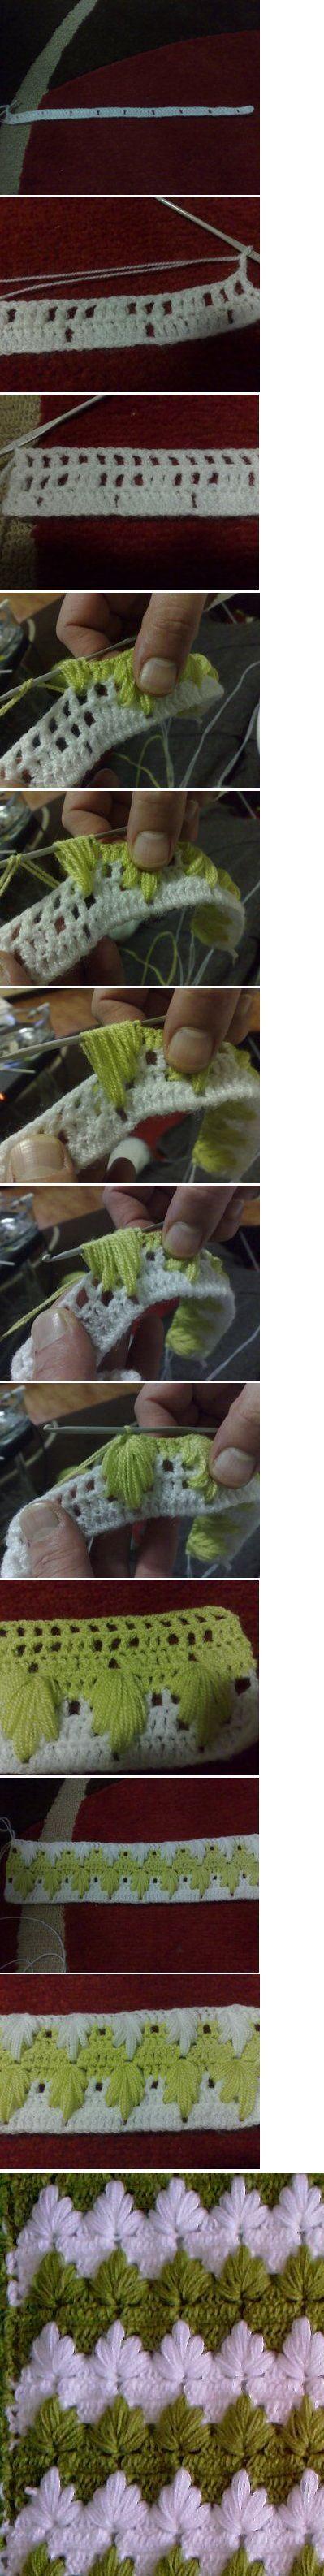 Beautiful crochet anyone know the stitch?